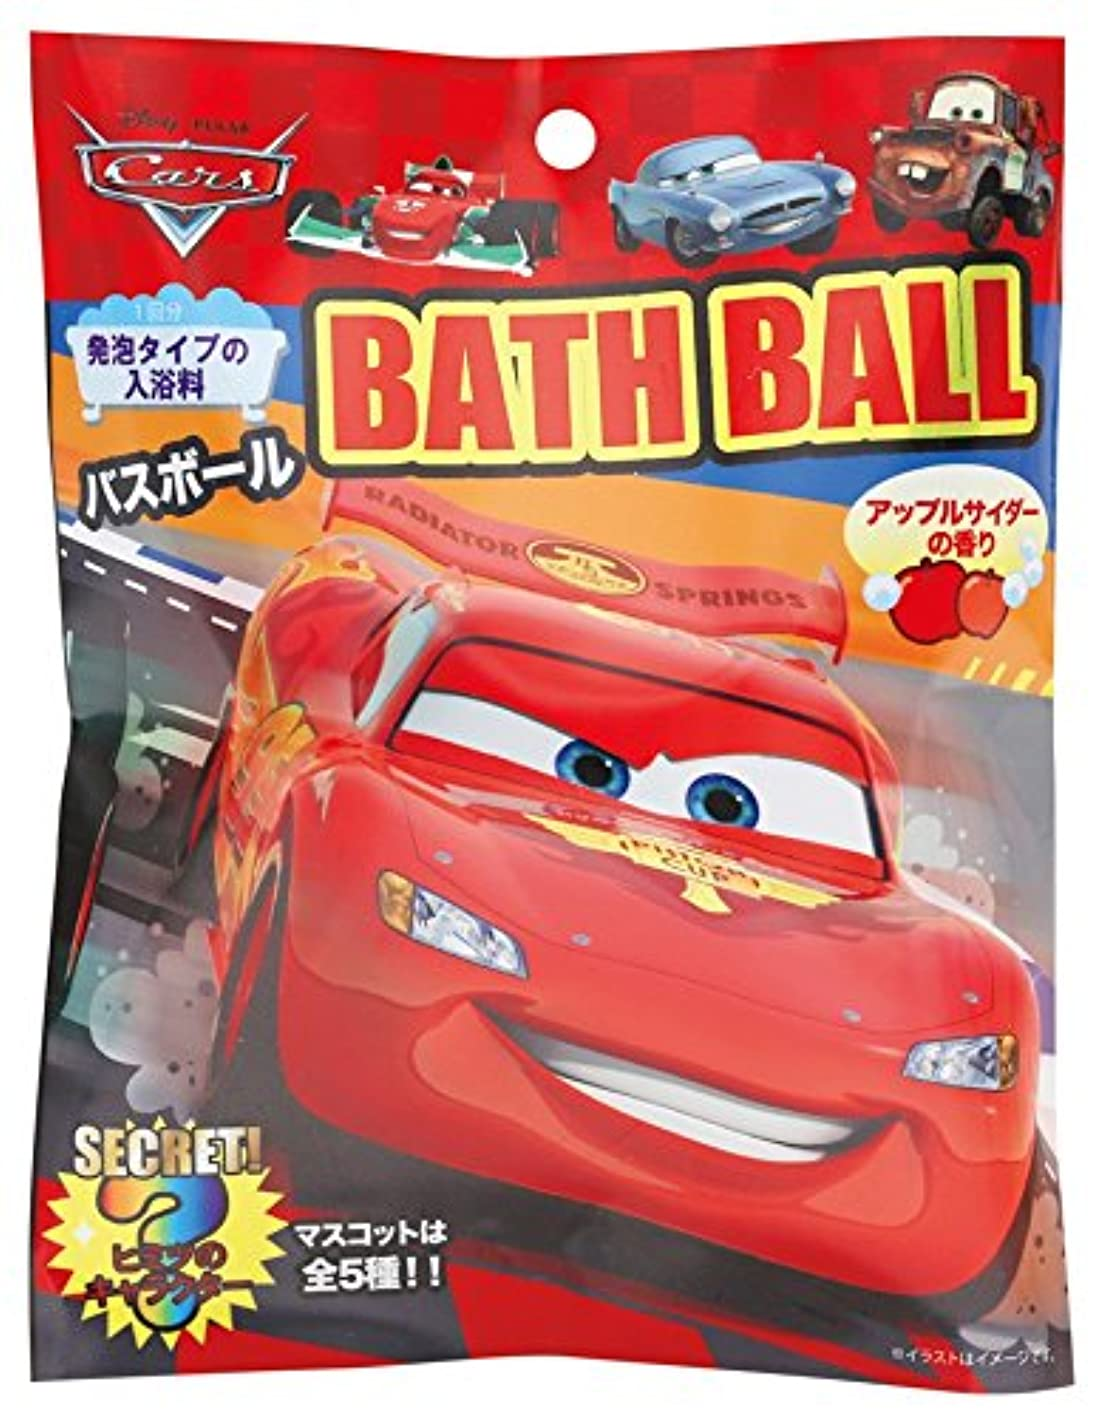 十年巨大ななめらかなディズニー 入浴剤 カーズバスボール おまけ付き DIP-79-01